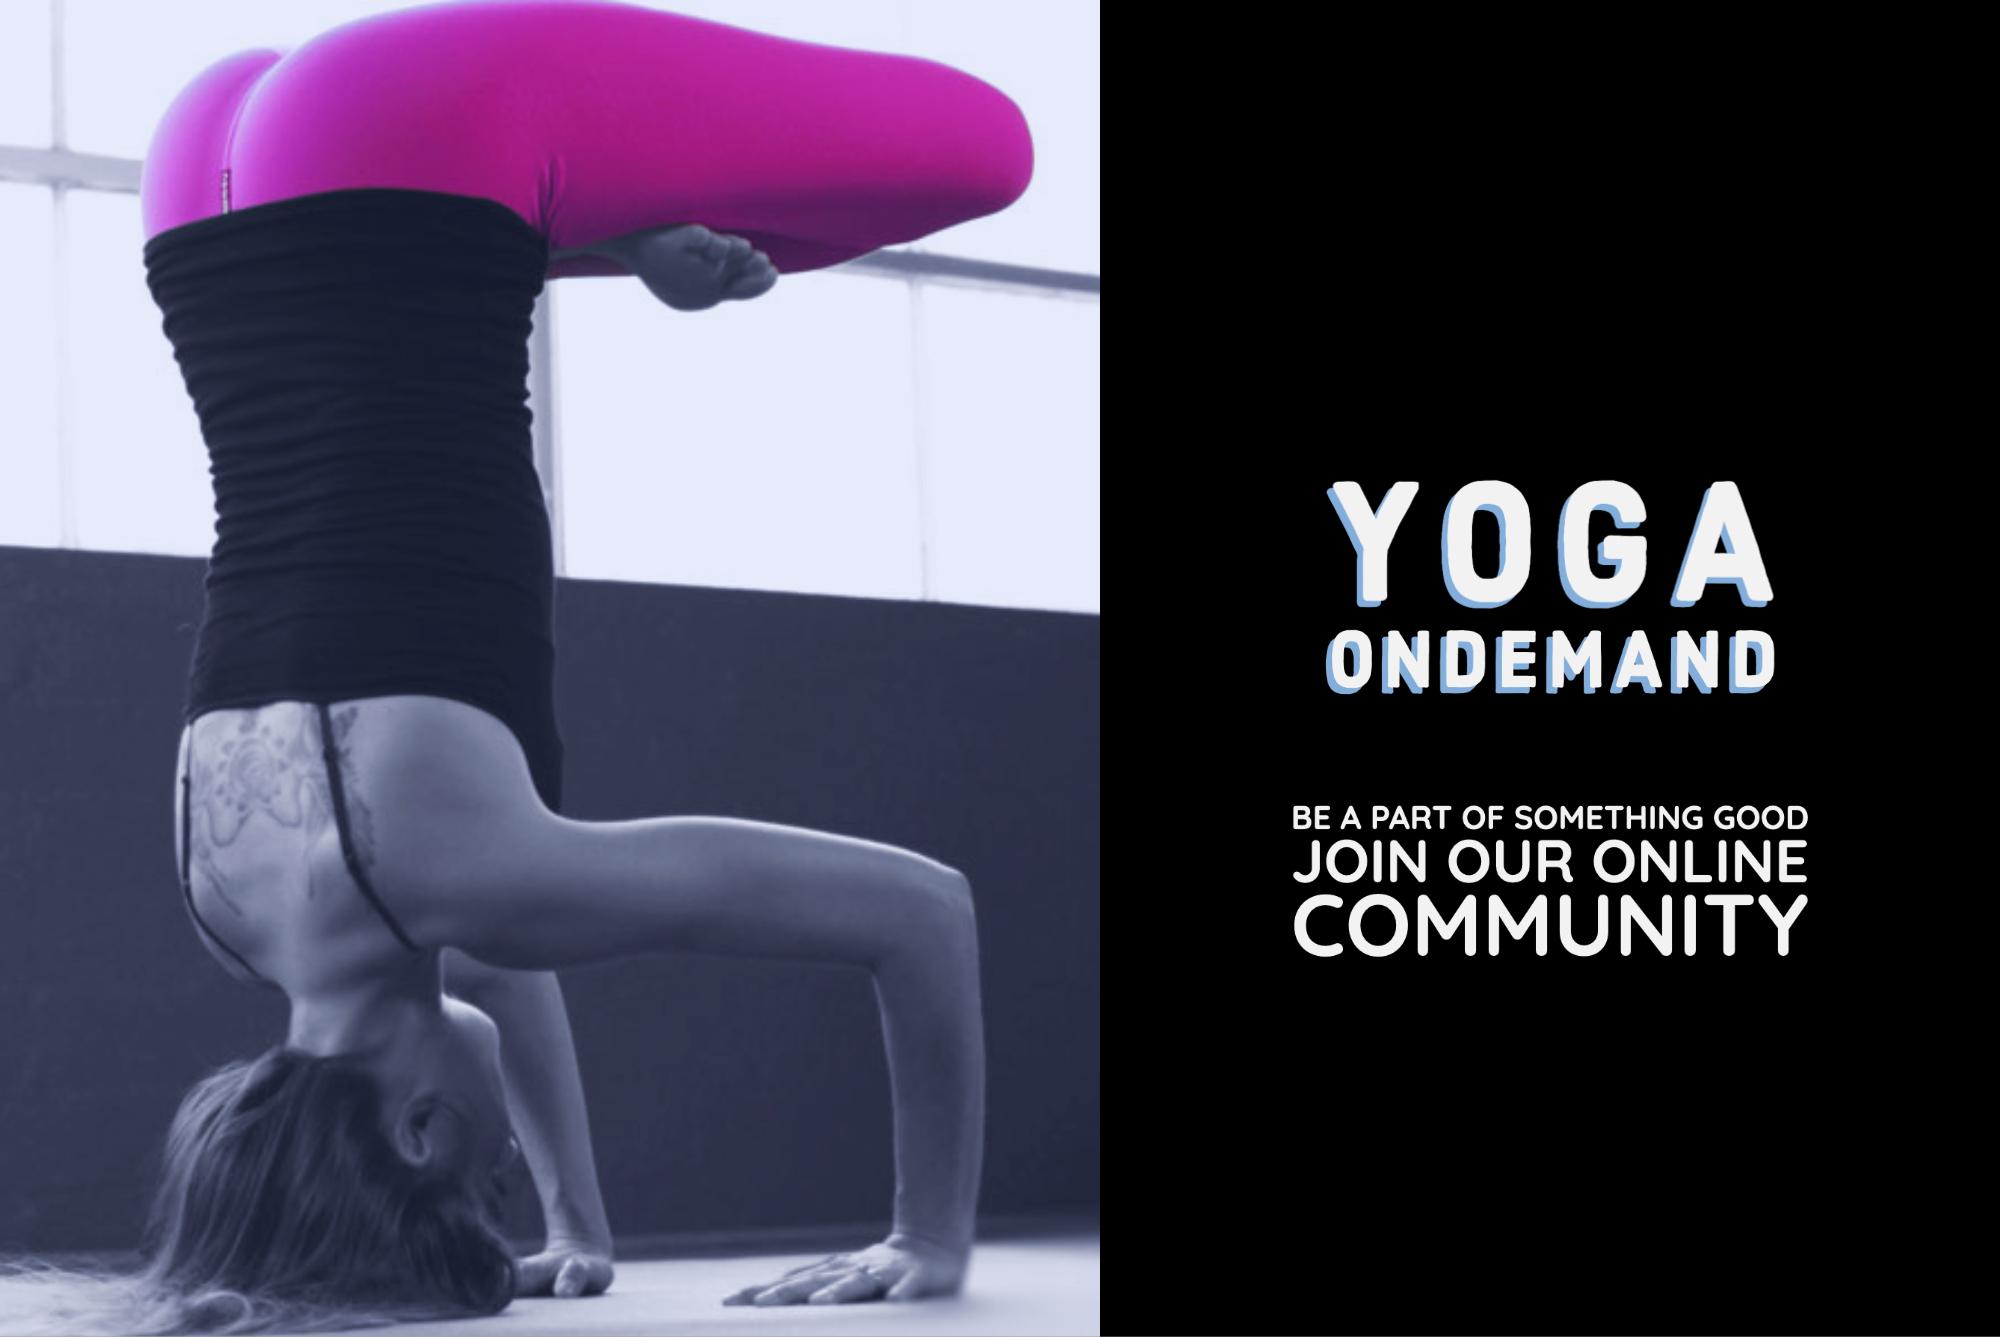 College Park Yoga IN-studio yoga classes are a pure joy!